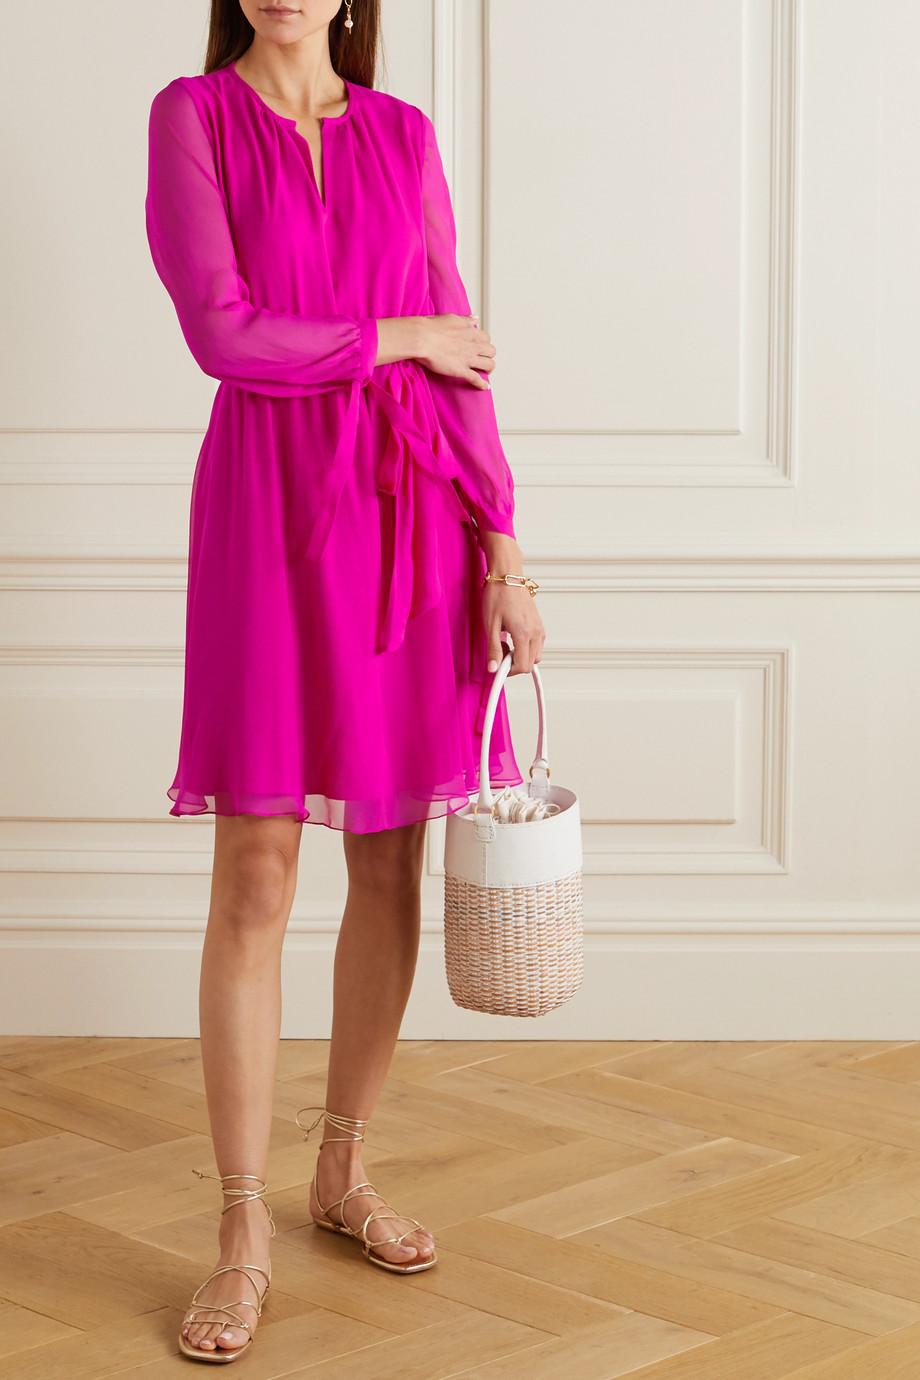 ARoss Girl x Soler Amanda Minikleid aus Seiden-Voile mit Bindegürtel